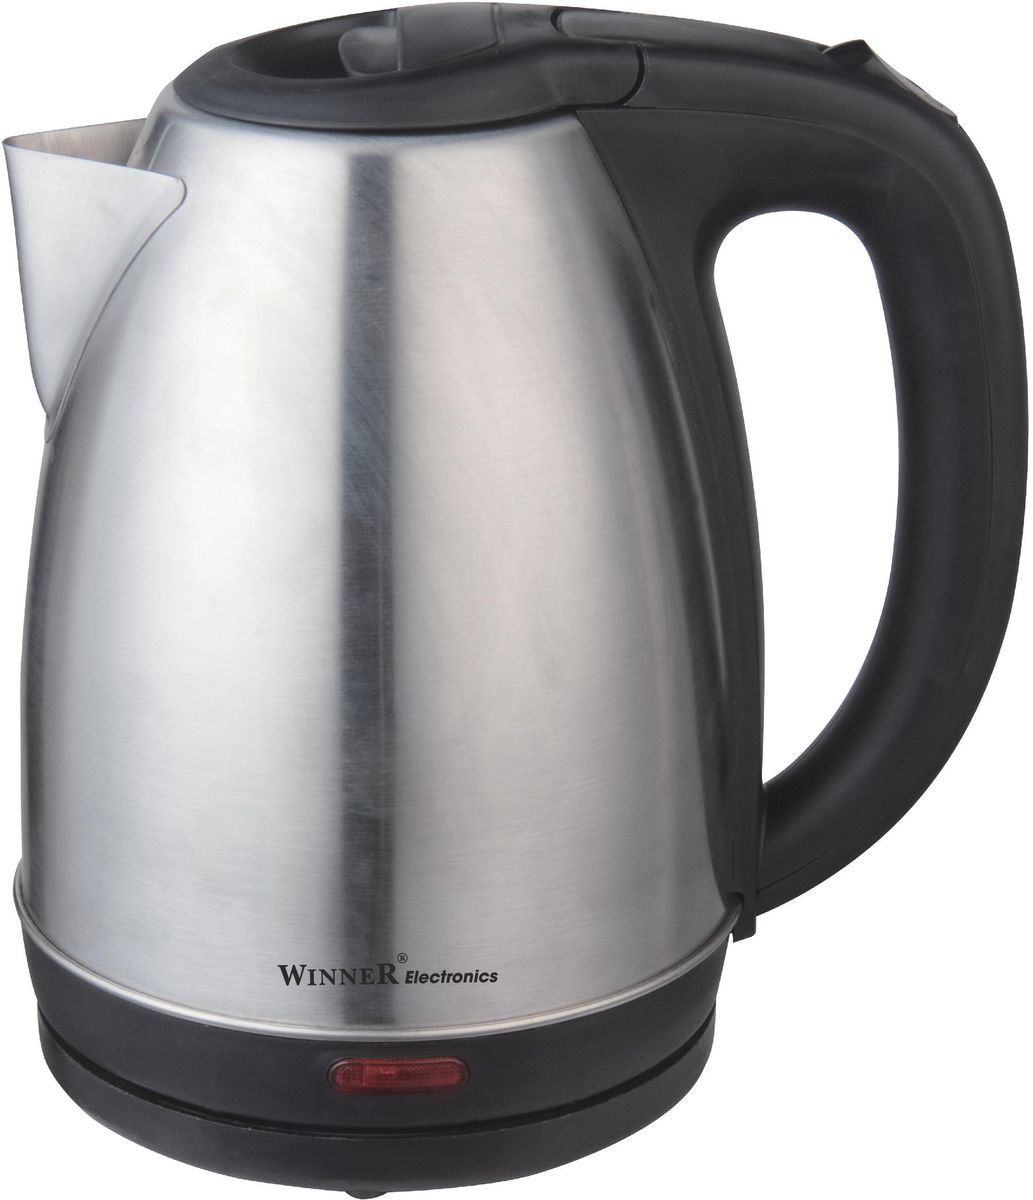 лучшая цена Winner Electronics WR-130 электрический чайник